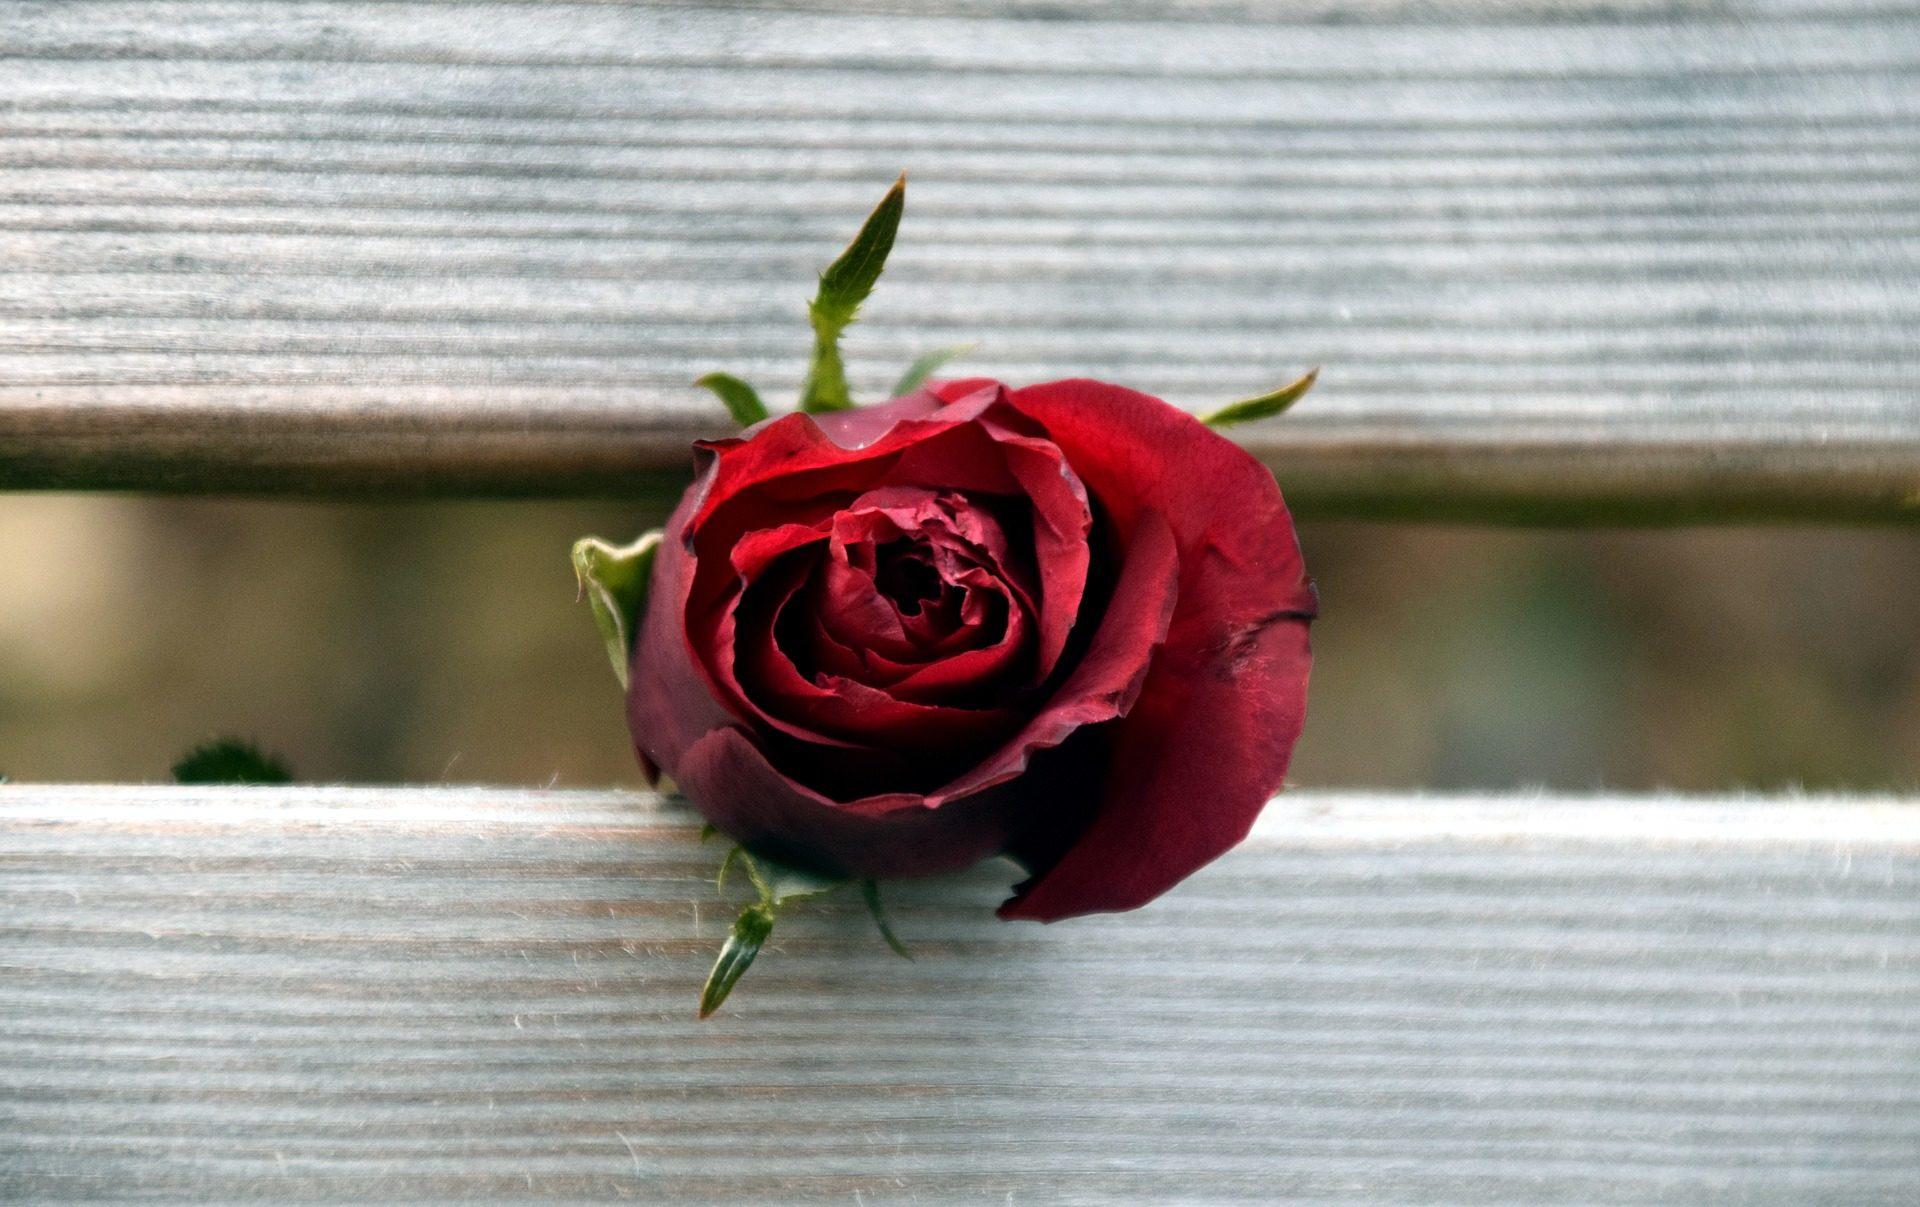 Rosa, fleur, bois, Rouge, pétales - Fonds d'écran HD - Professor-falken.com